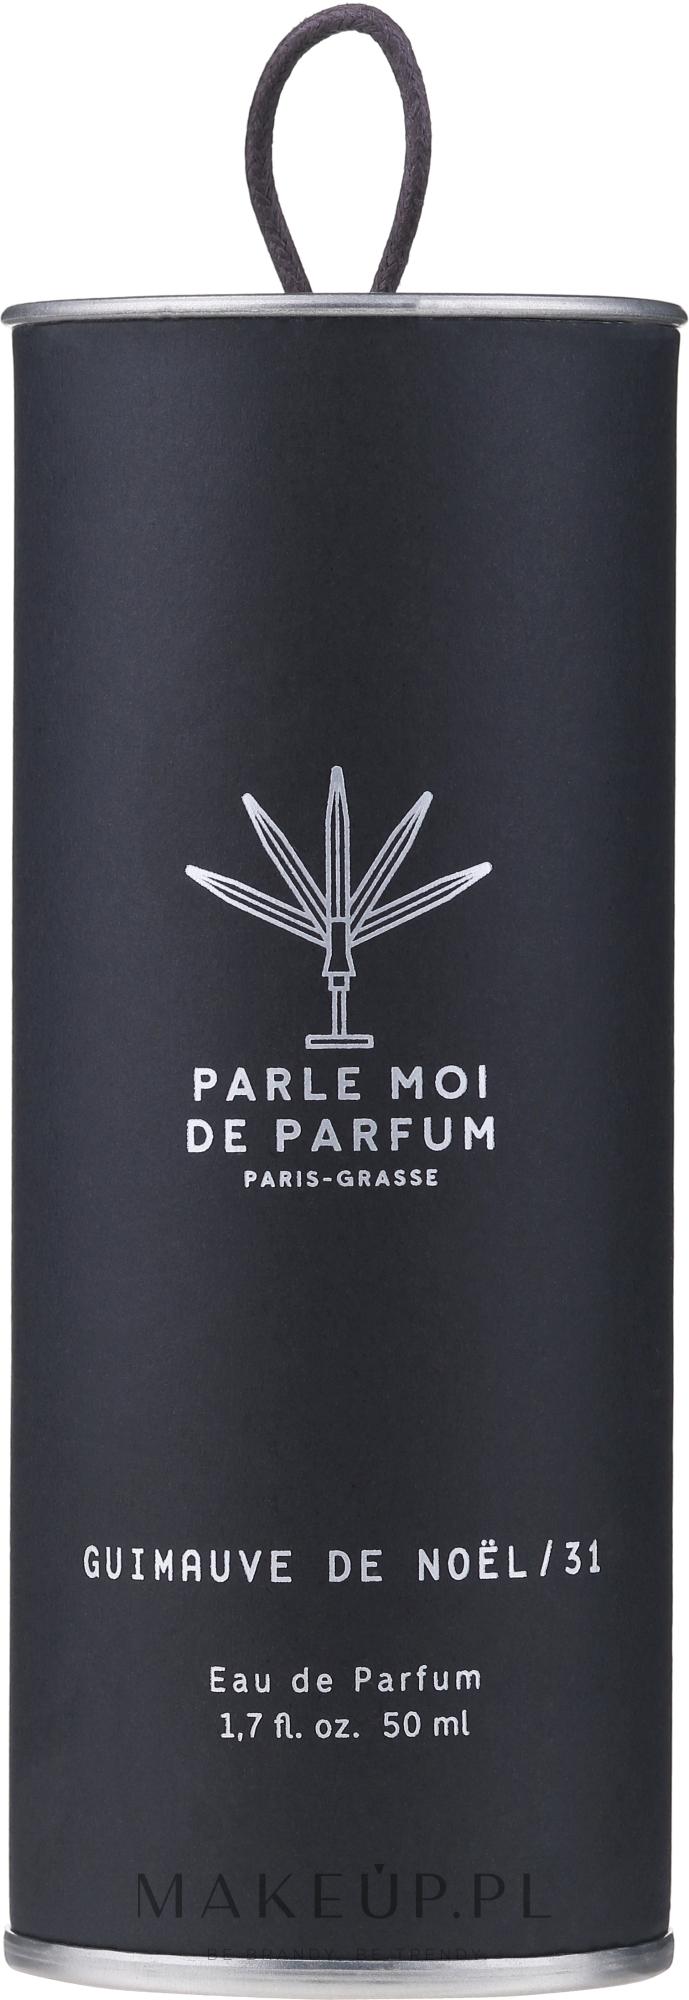 parle moi de parfum guimauve de noel/31